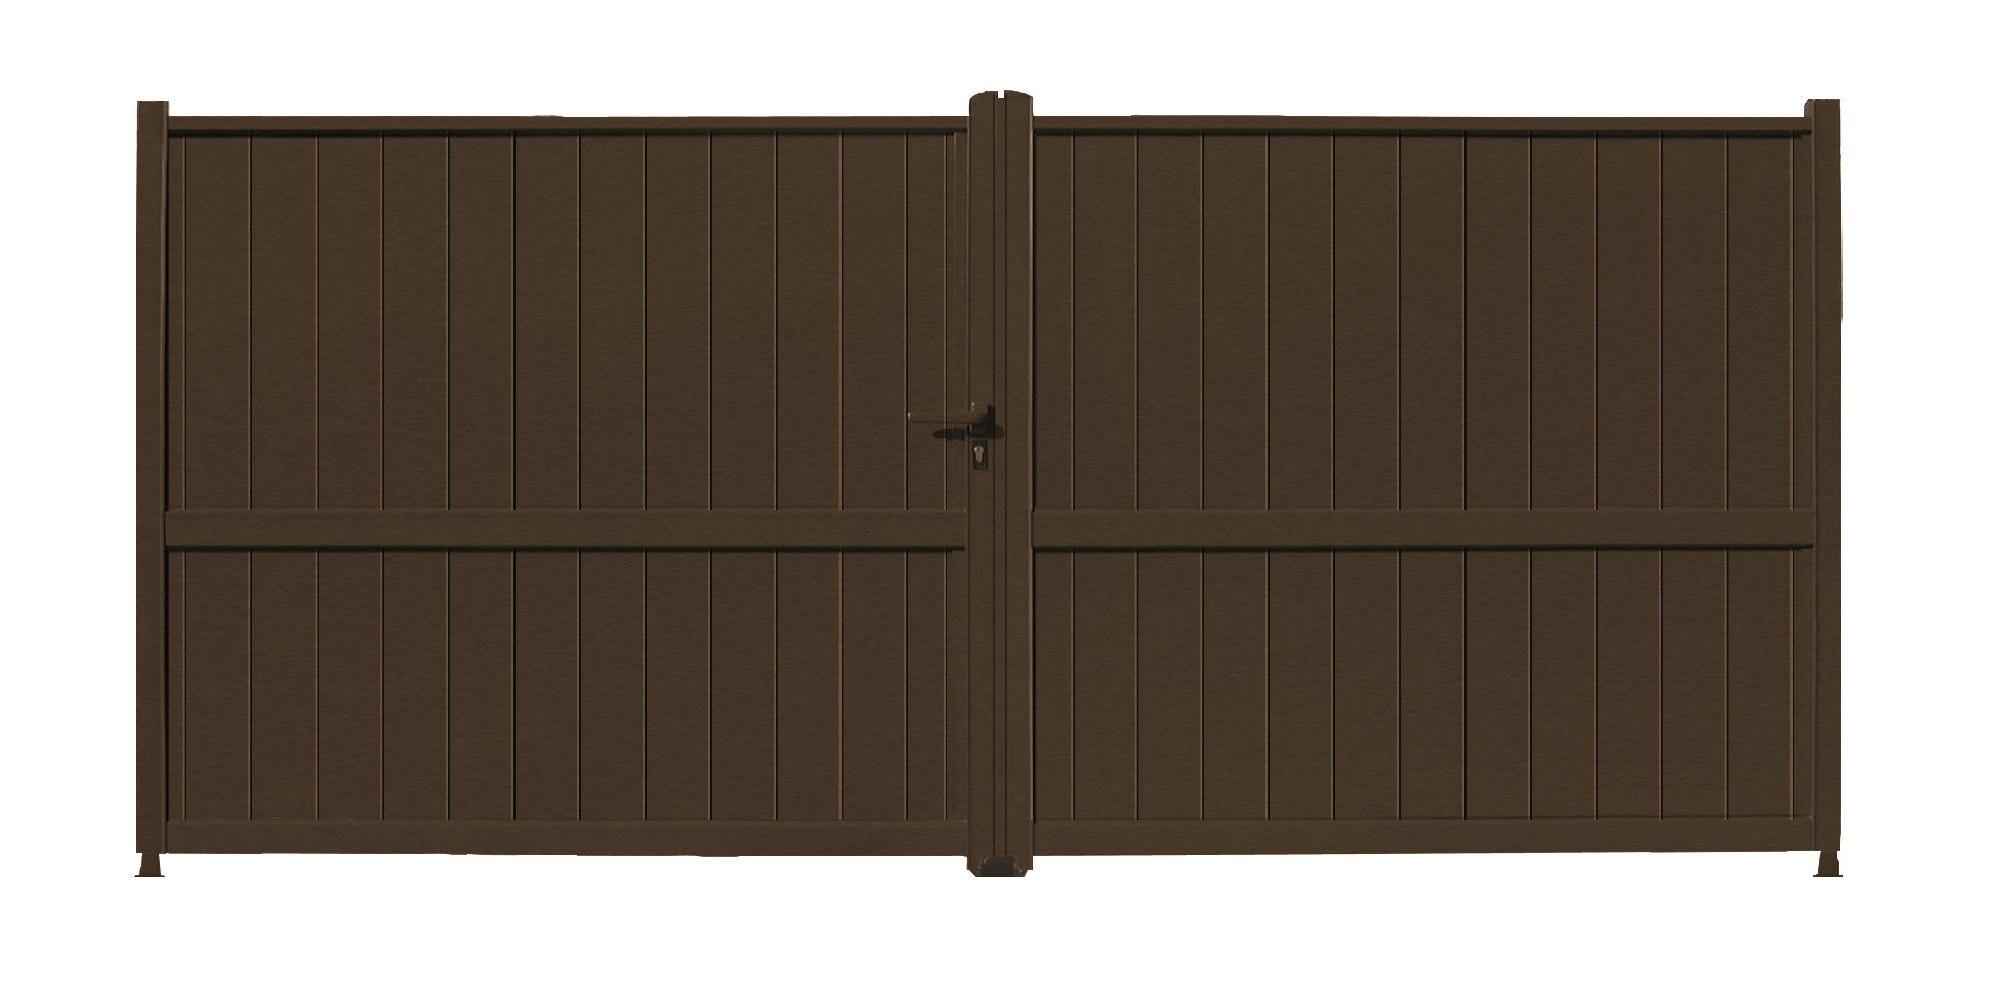 lmc ouvertures lance box portail le tout premier portail sur mesure en kit monter soi m me. Black Bedroom Furniture Sets. Home Design Ideas